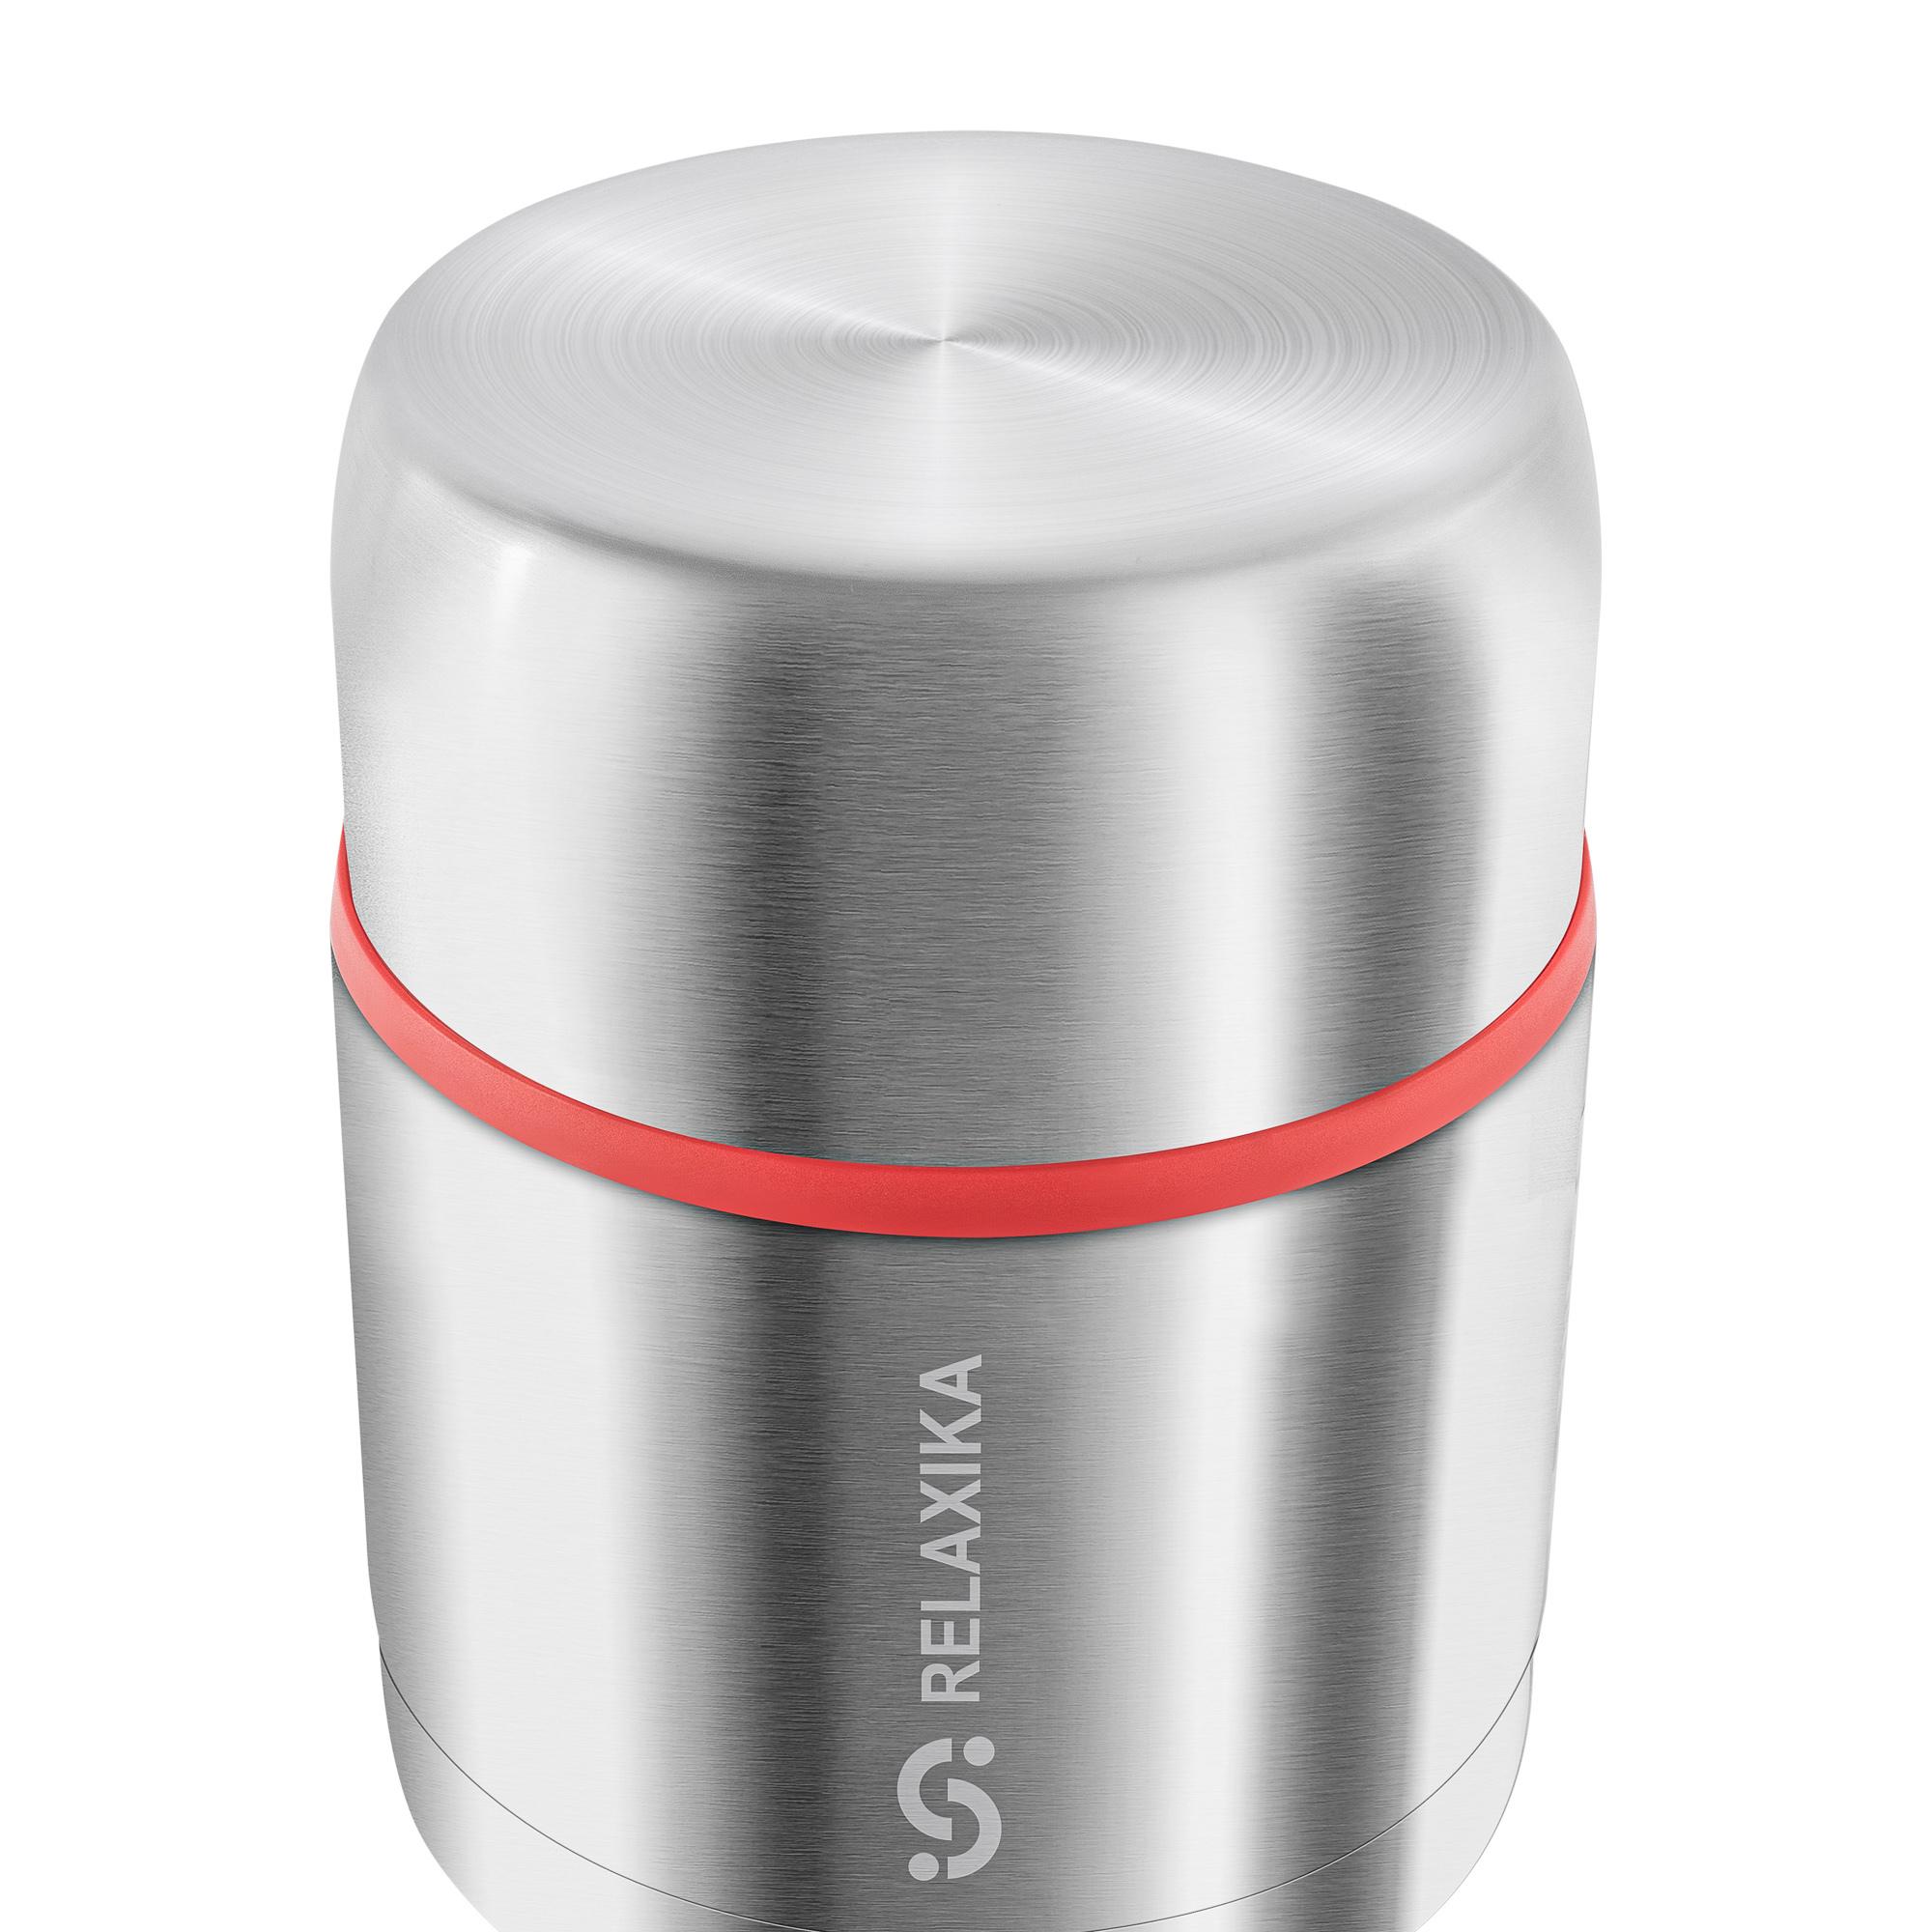 Термос для еды Relaxika 301 (0,5 литра) в чехле, стальной